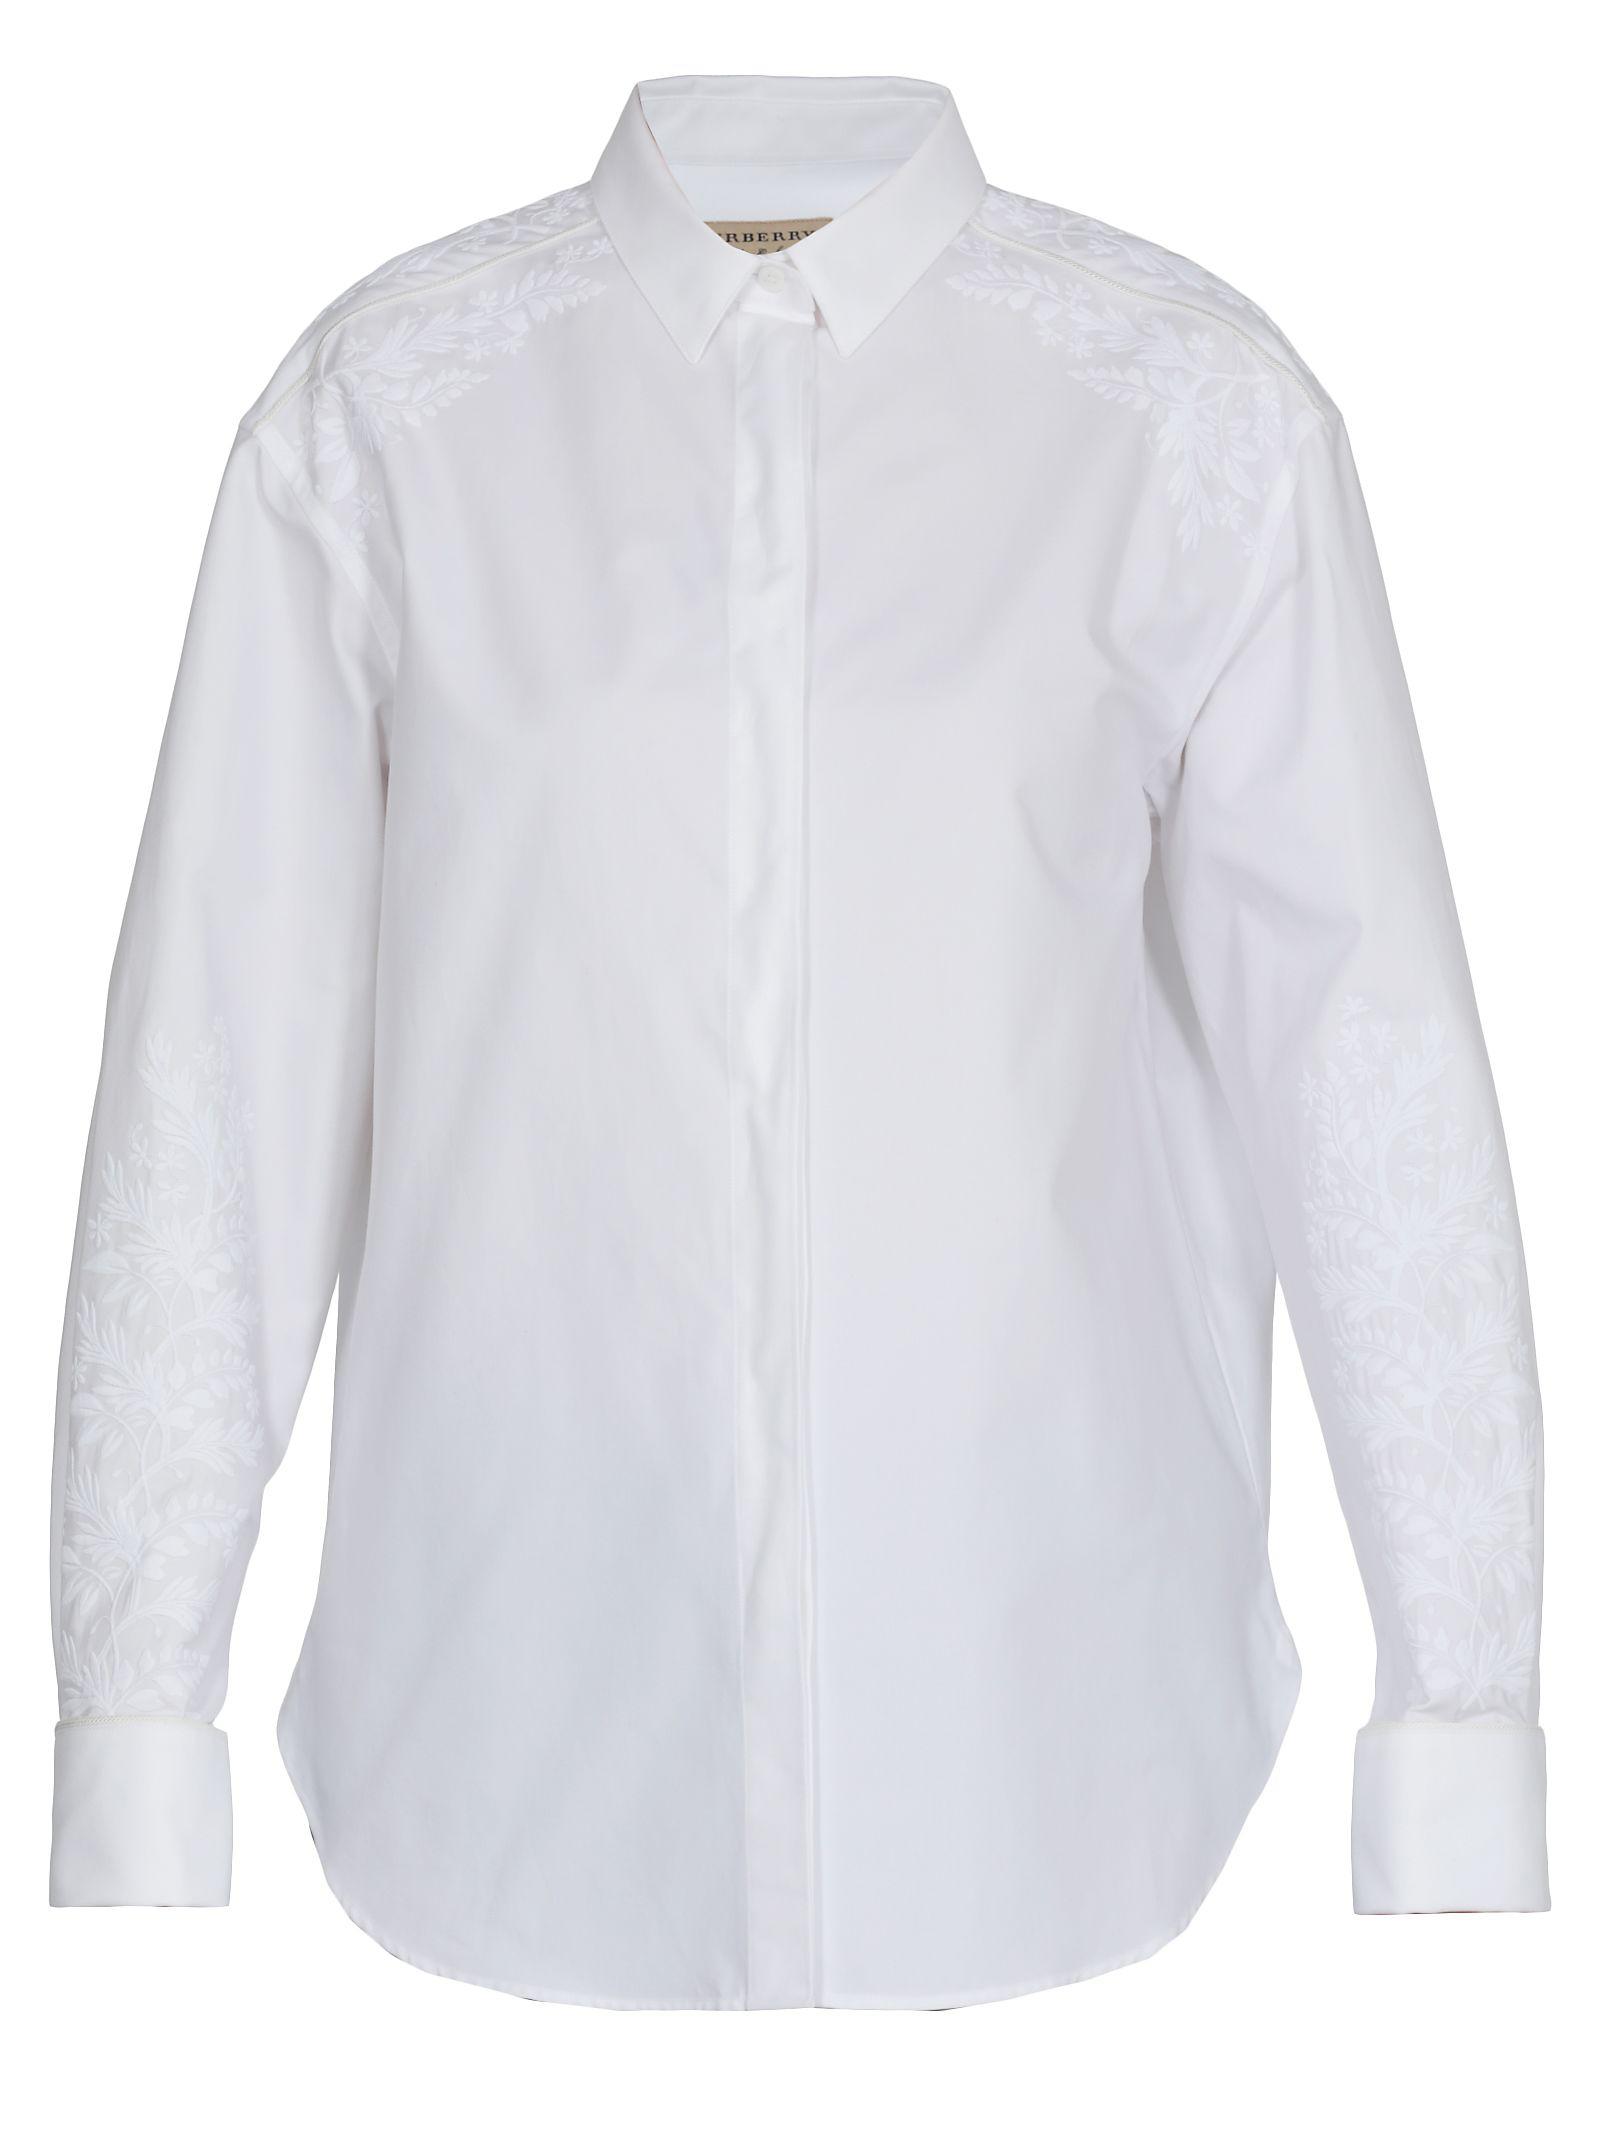 Burberry Altamira Cotton-Poplin Shirt In White